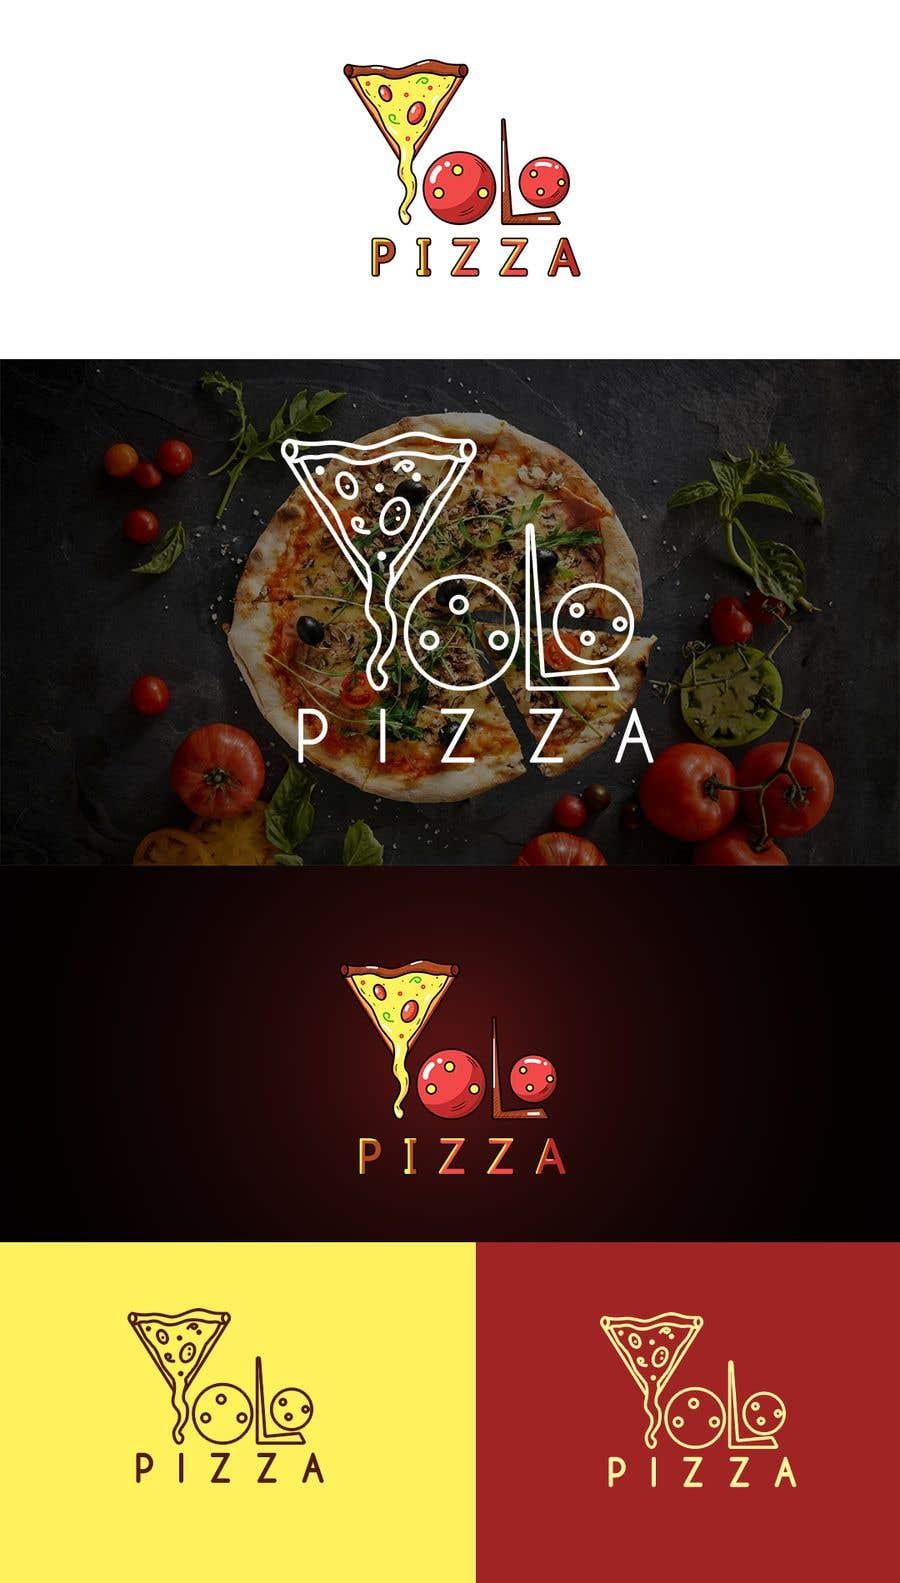 Konkurrenceindlæg #                                        88                                      for                                         Logo & packaging design